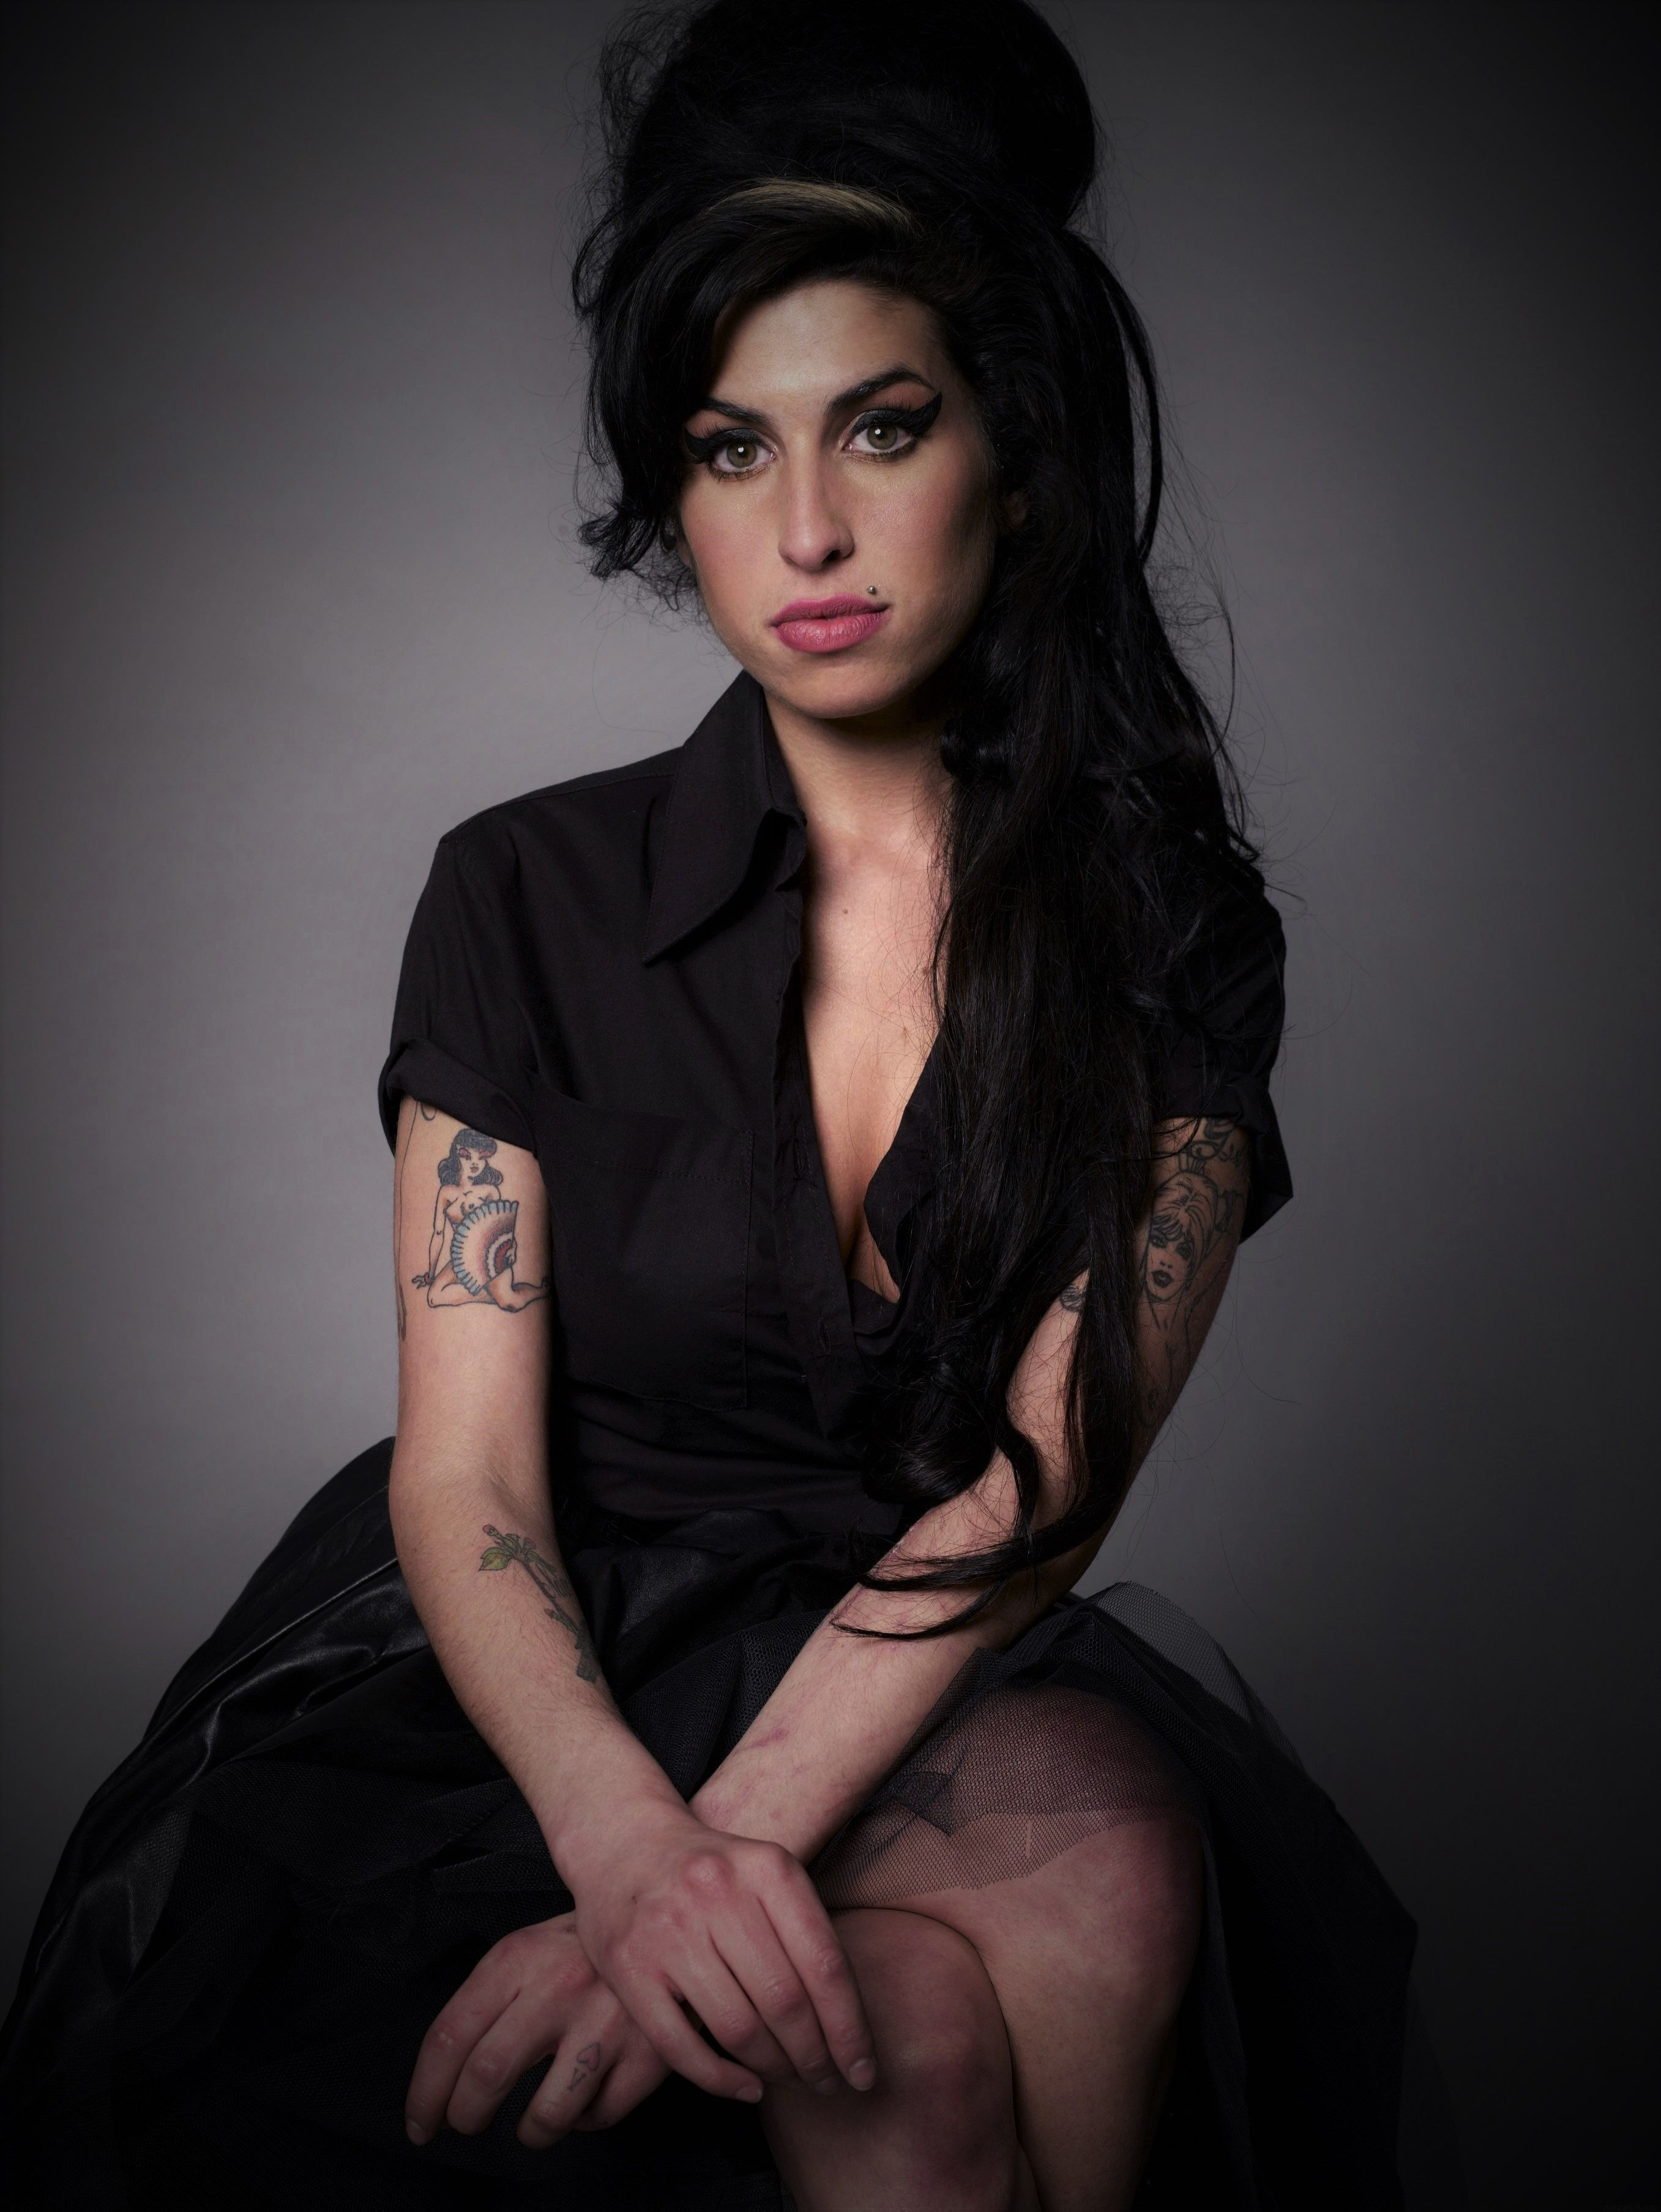 Wie Man Amy Winehouse Frisur Bekommt 2018 Frisuren Amy Winehouse